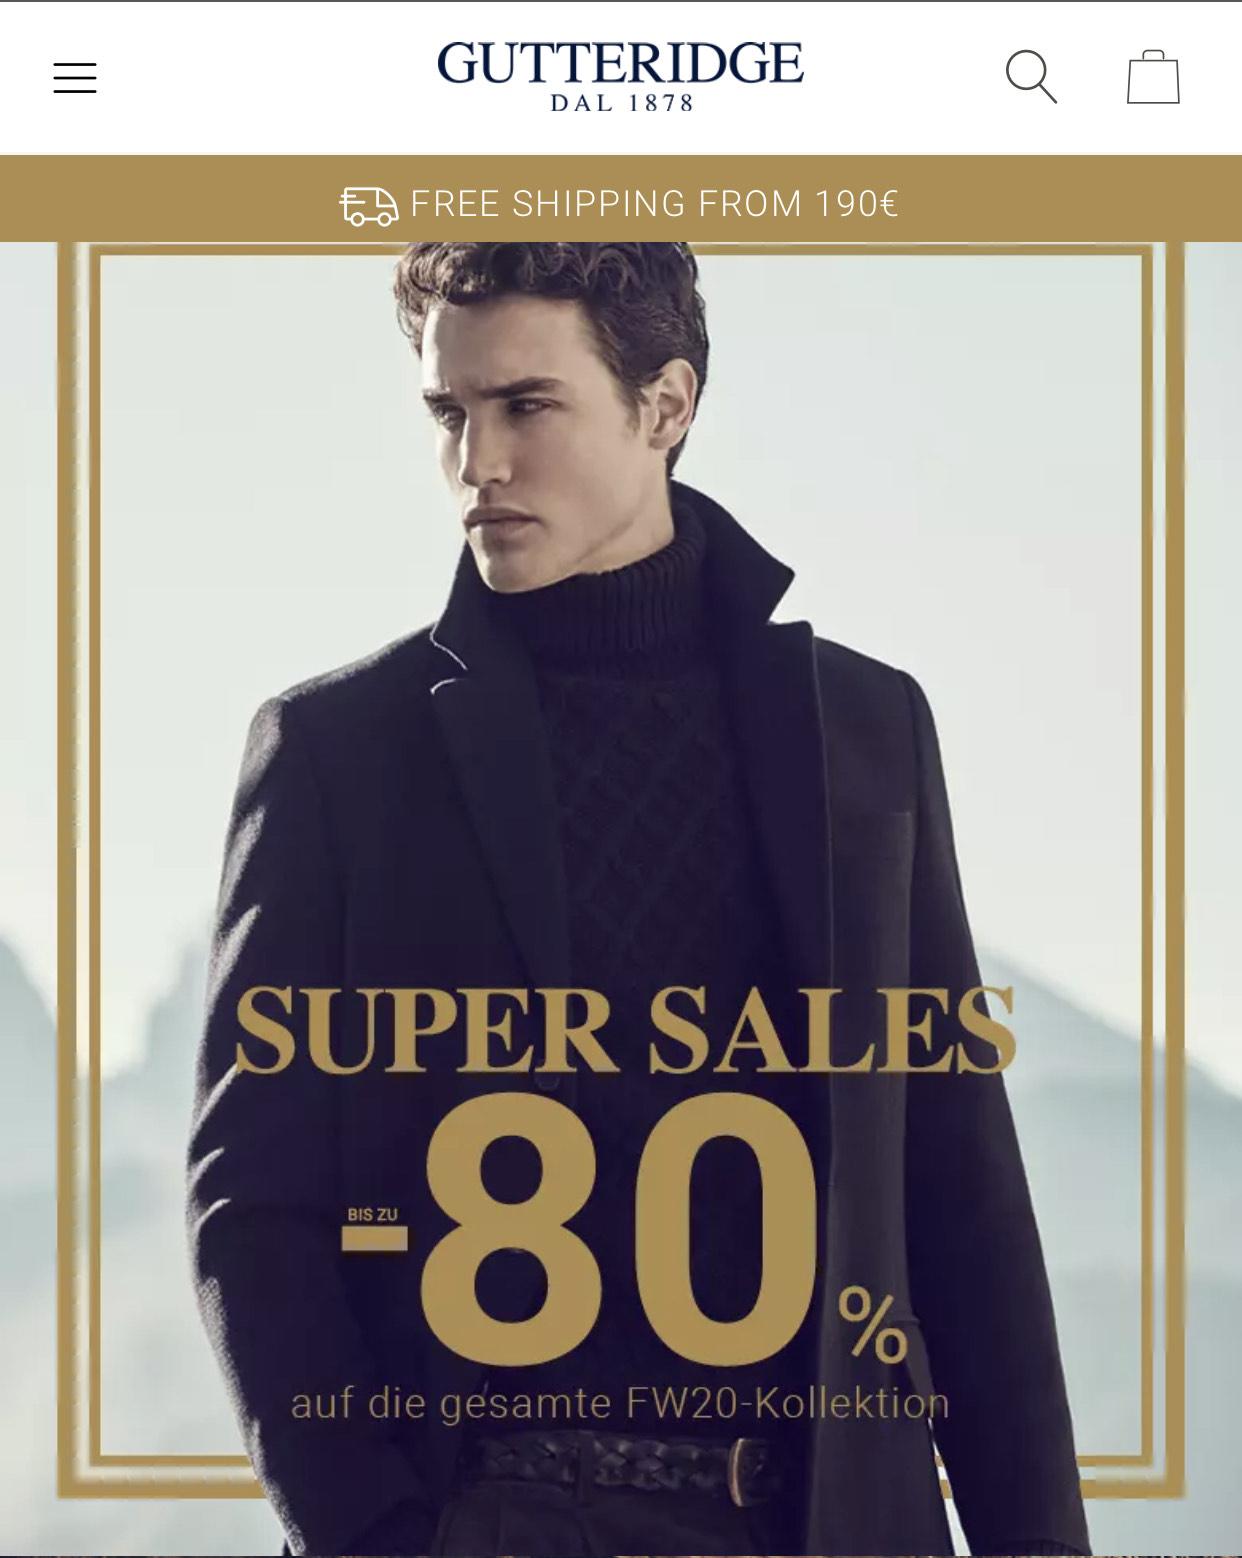 Gutteridge bis zu 80% sale - italienische Marke im britischer Kleidungsstil